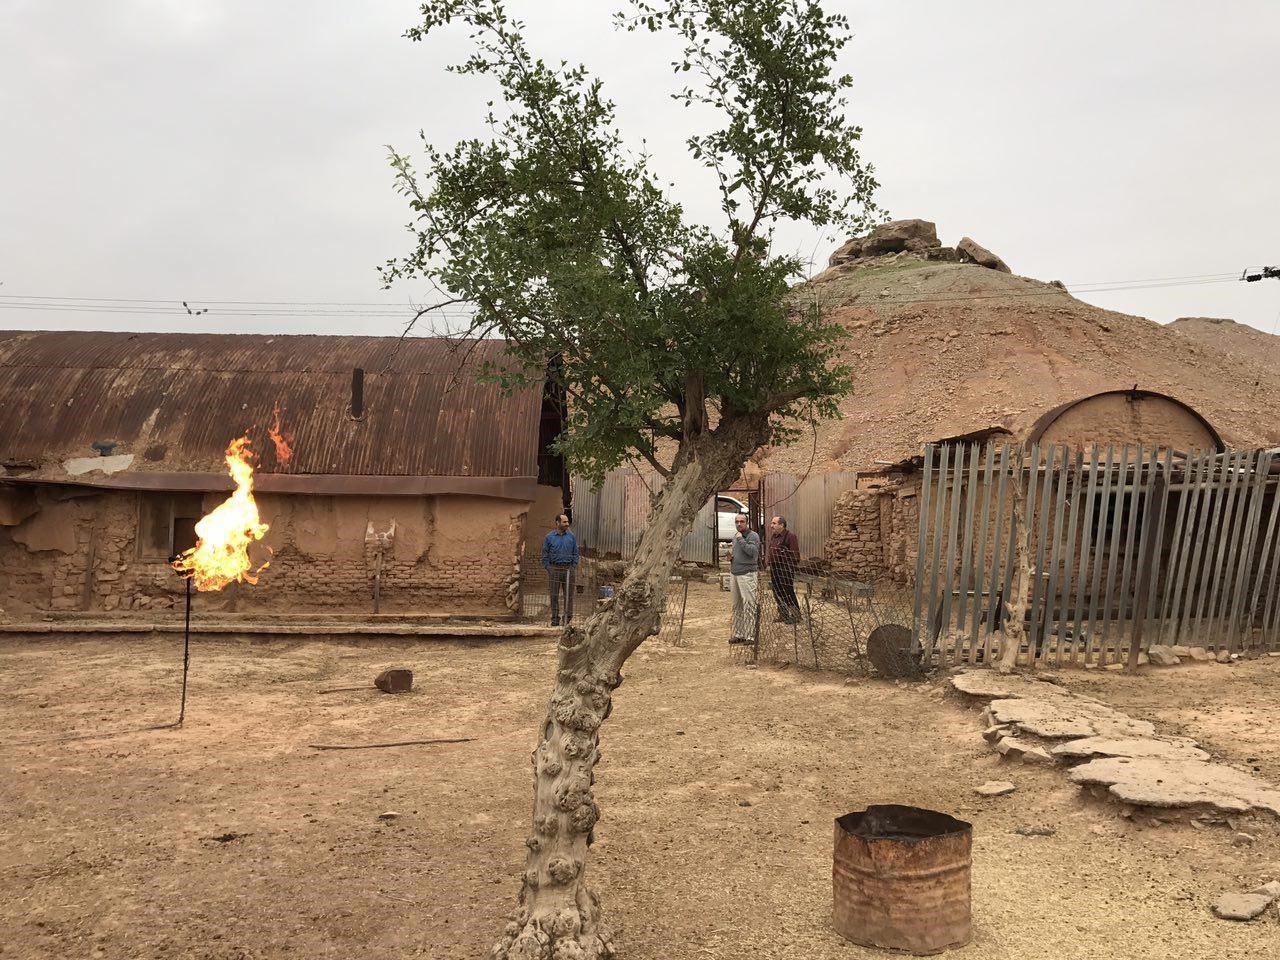 روستای نفت سفید، ثبت و دهکده توریستی میشود